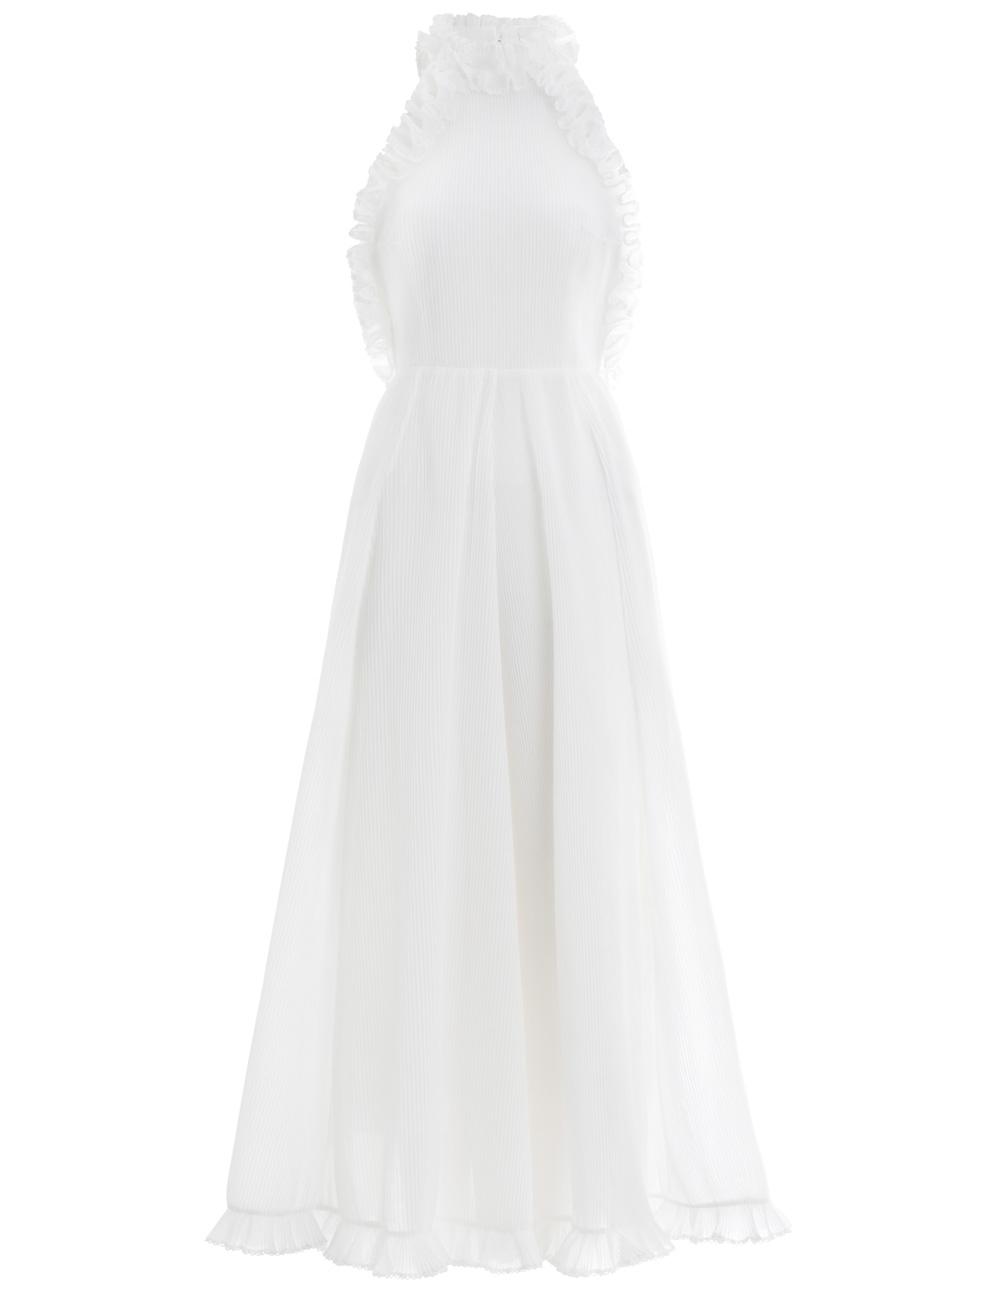 3bbd14514 Shop Designer Dresses Online   ZIMMERMANN